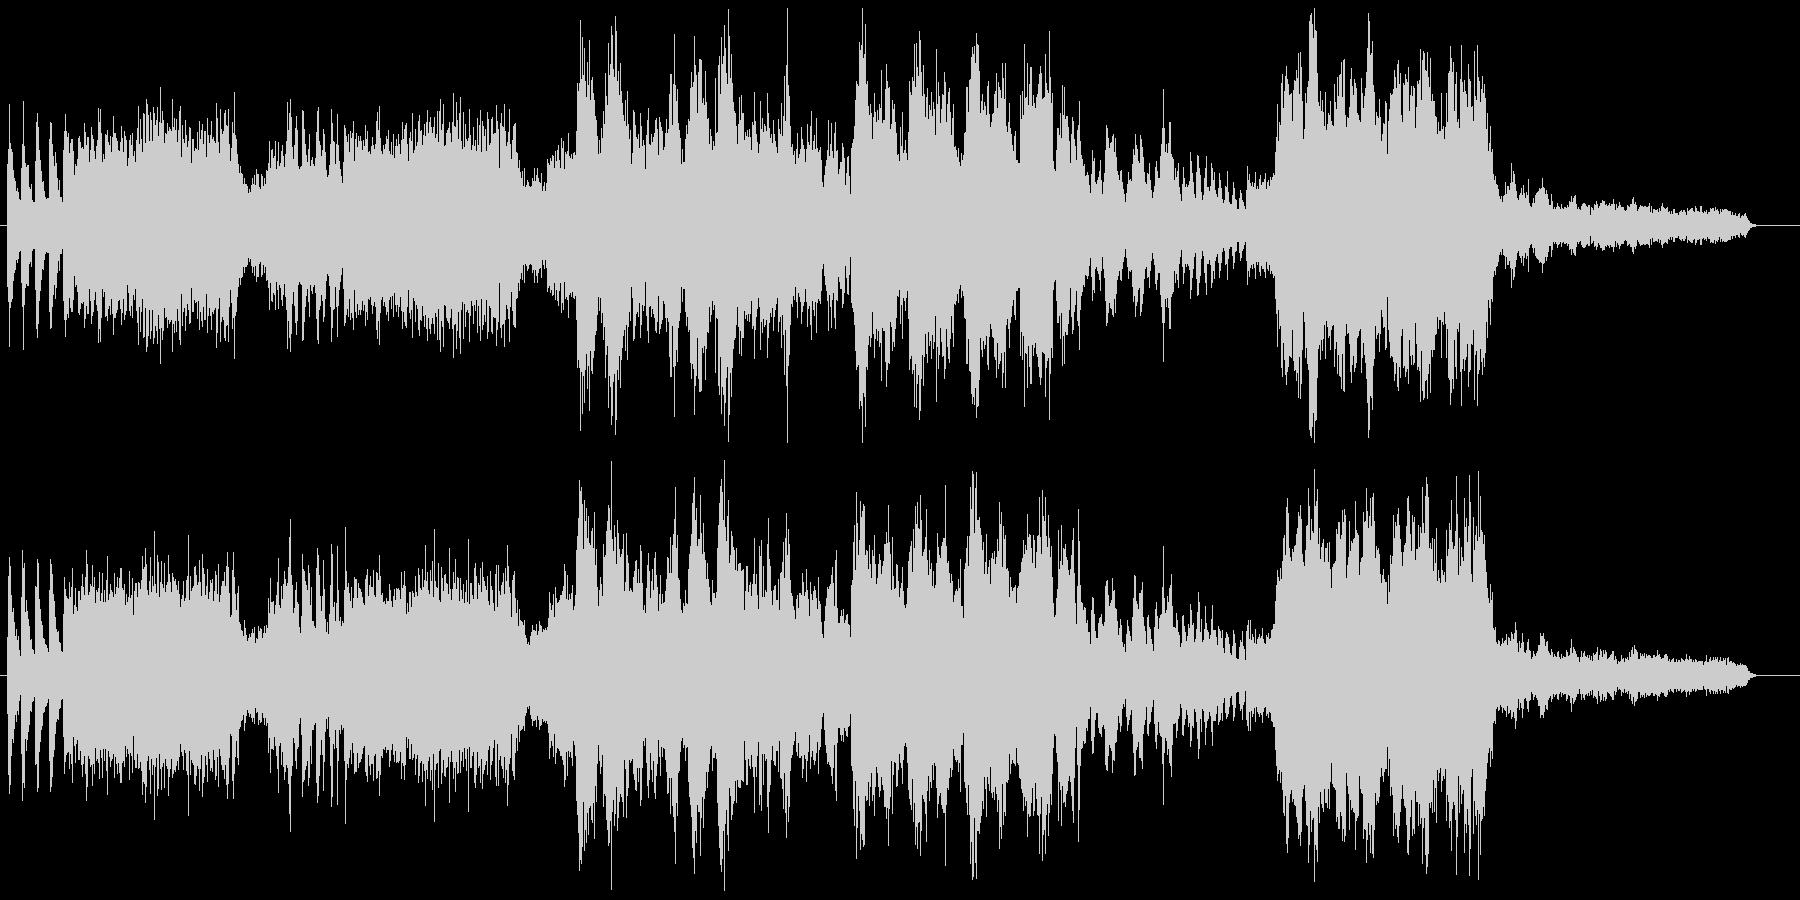 「バトロワ」などでお馴染のオーケストラ曲の未再生の波形